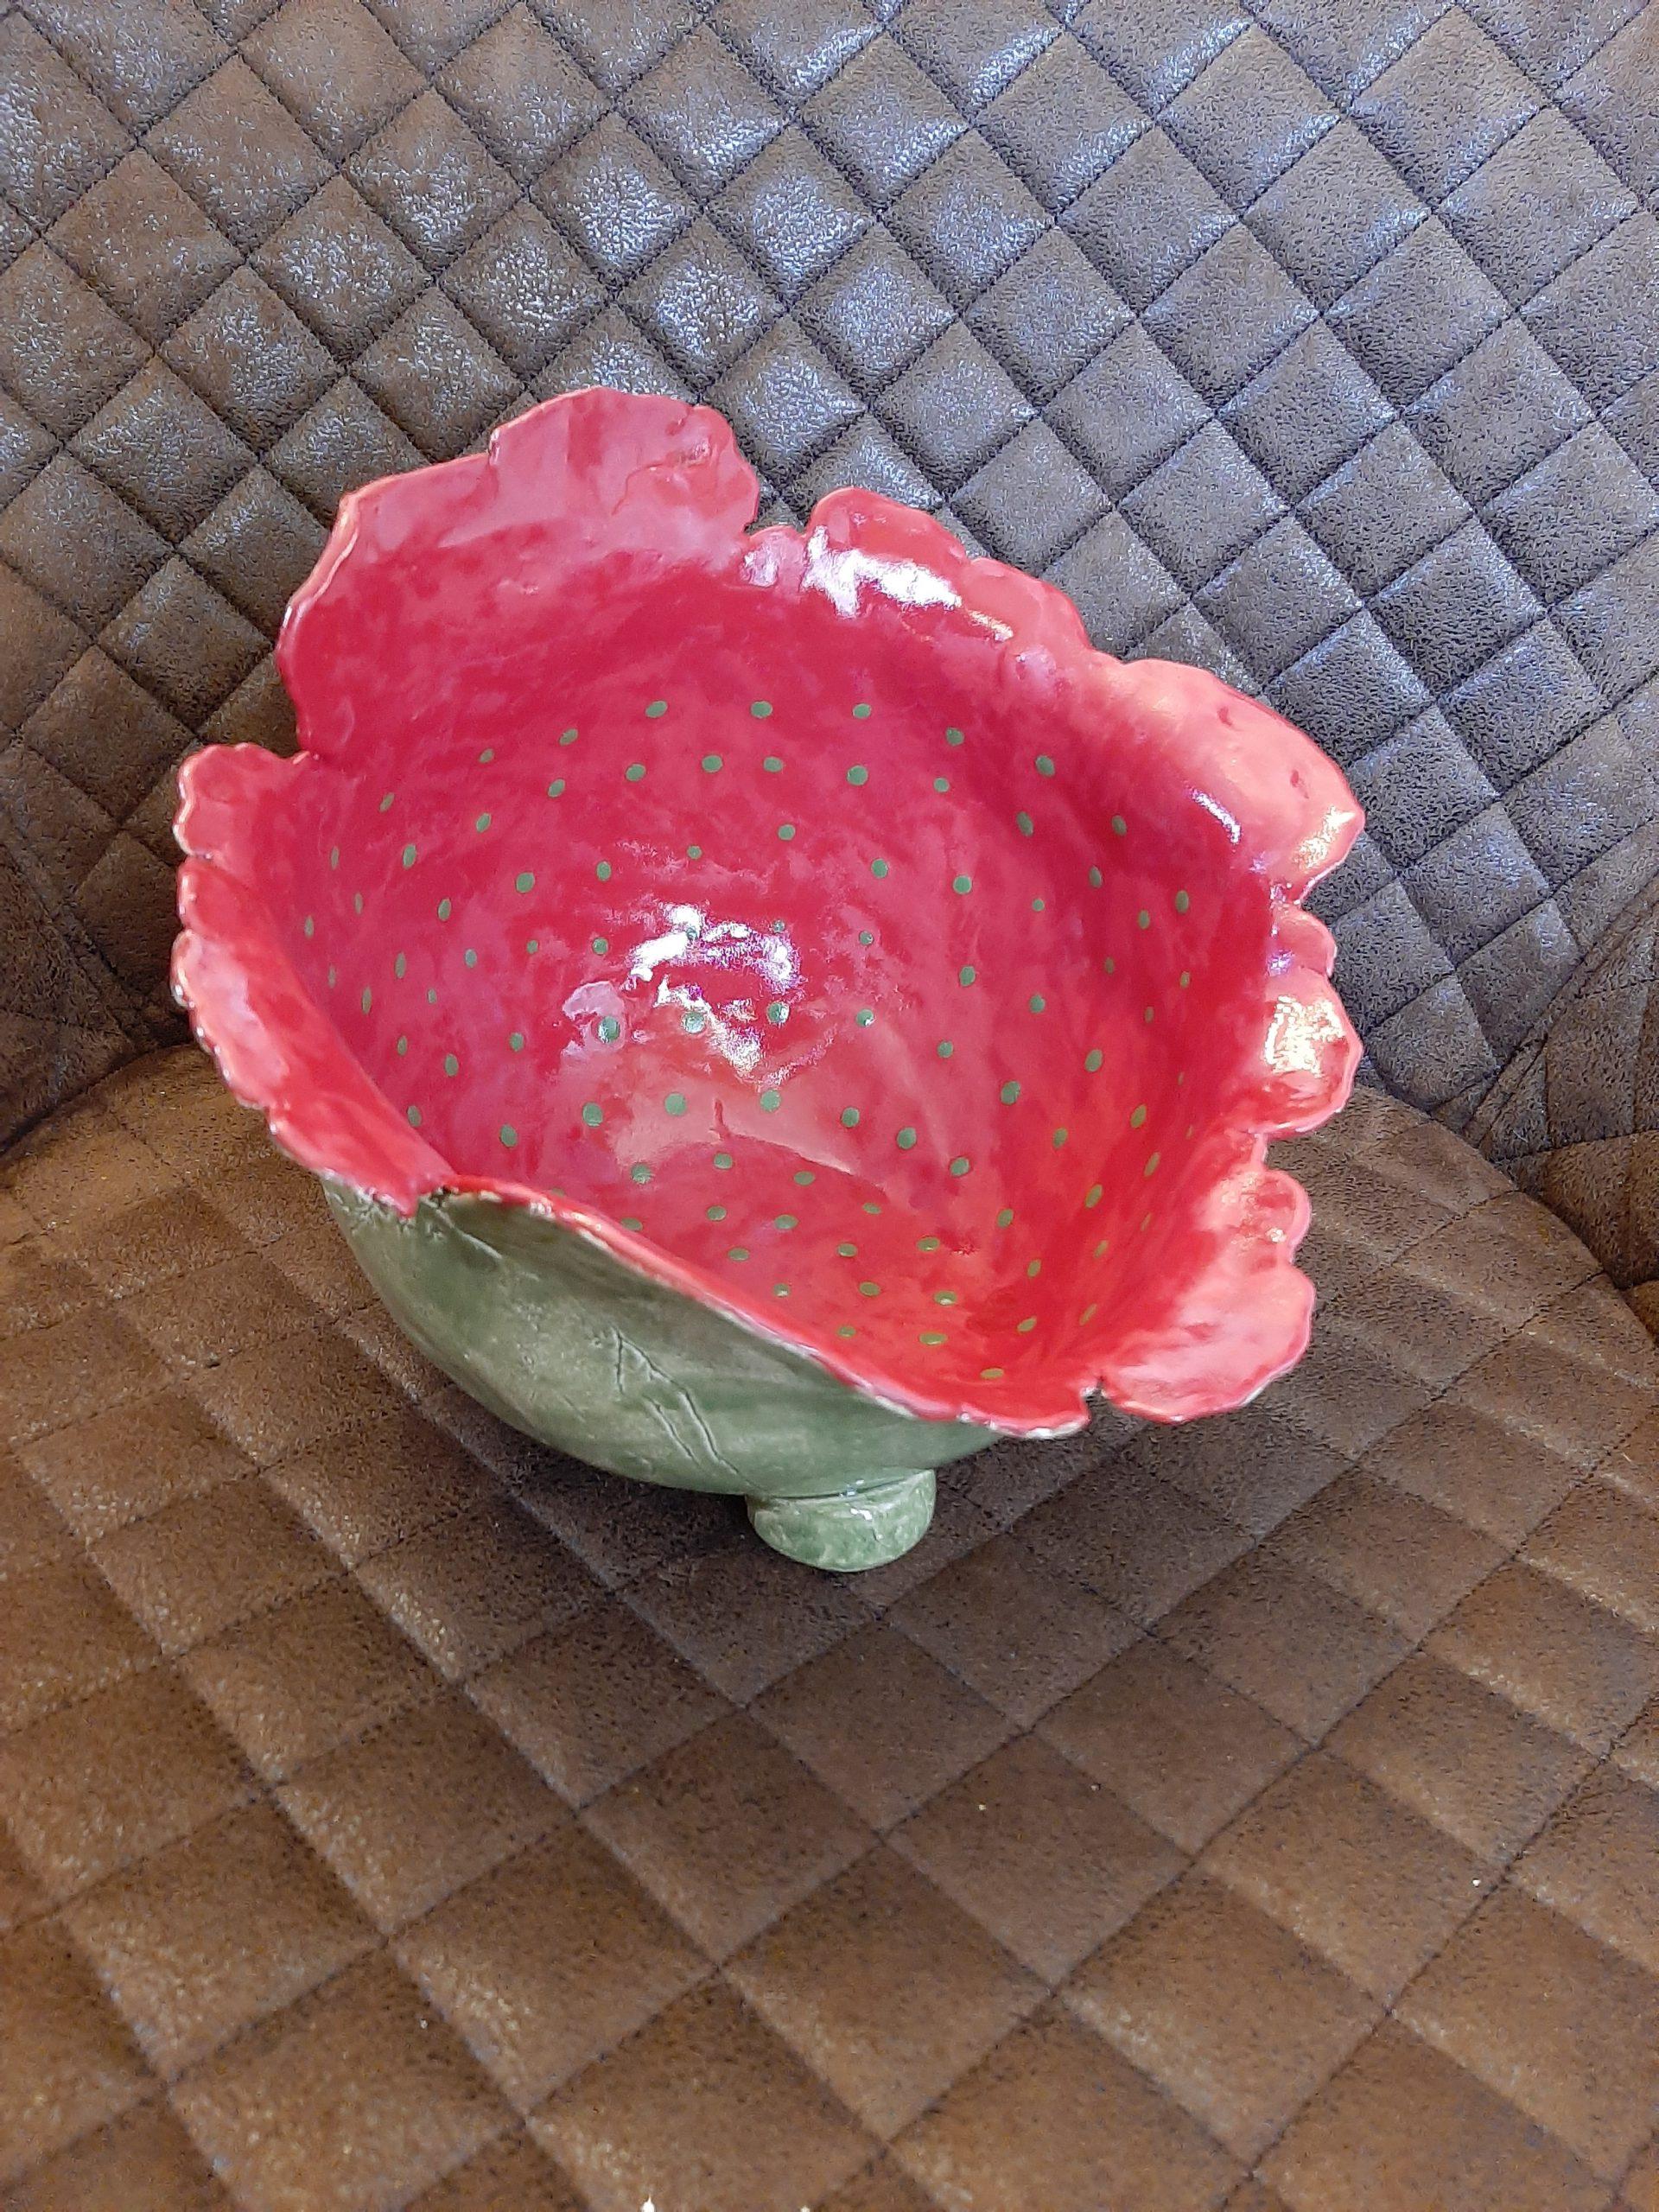 imposante Schale außen grün innen rot mit grünen TupfenOriginelles, Kunst aus Ton, individuelle Keramik, Augsburg, Clay Art, Pottery, KeraMik von Herz zu Herz, Geschenke der besonderen Art, Einzelstücke